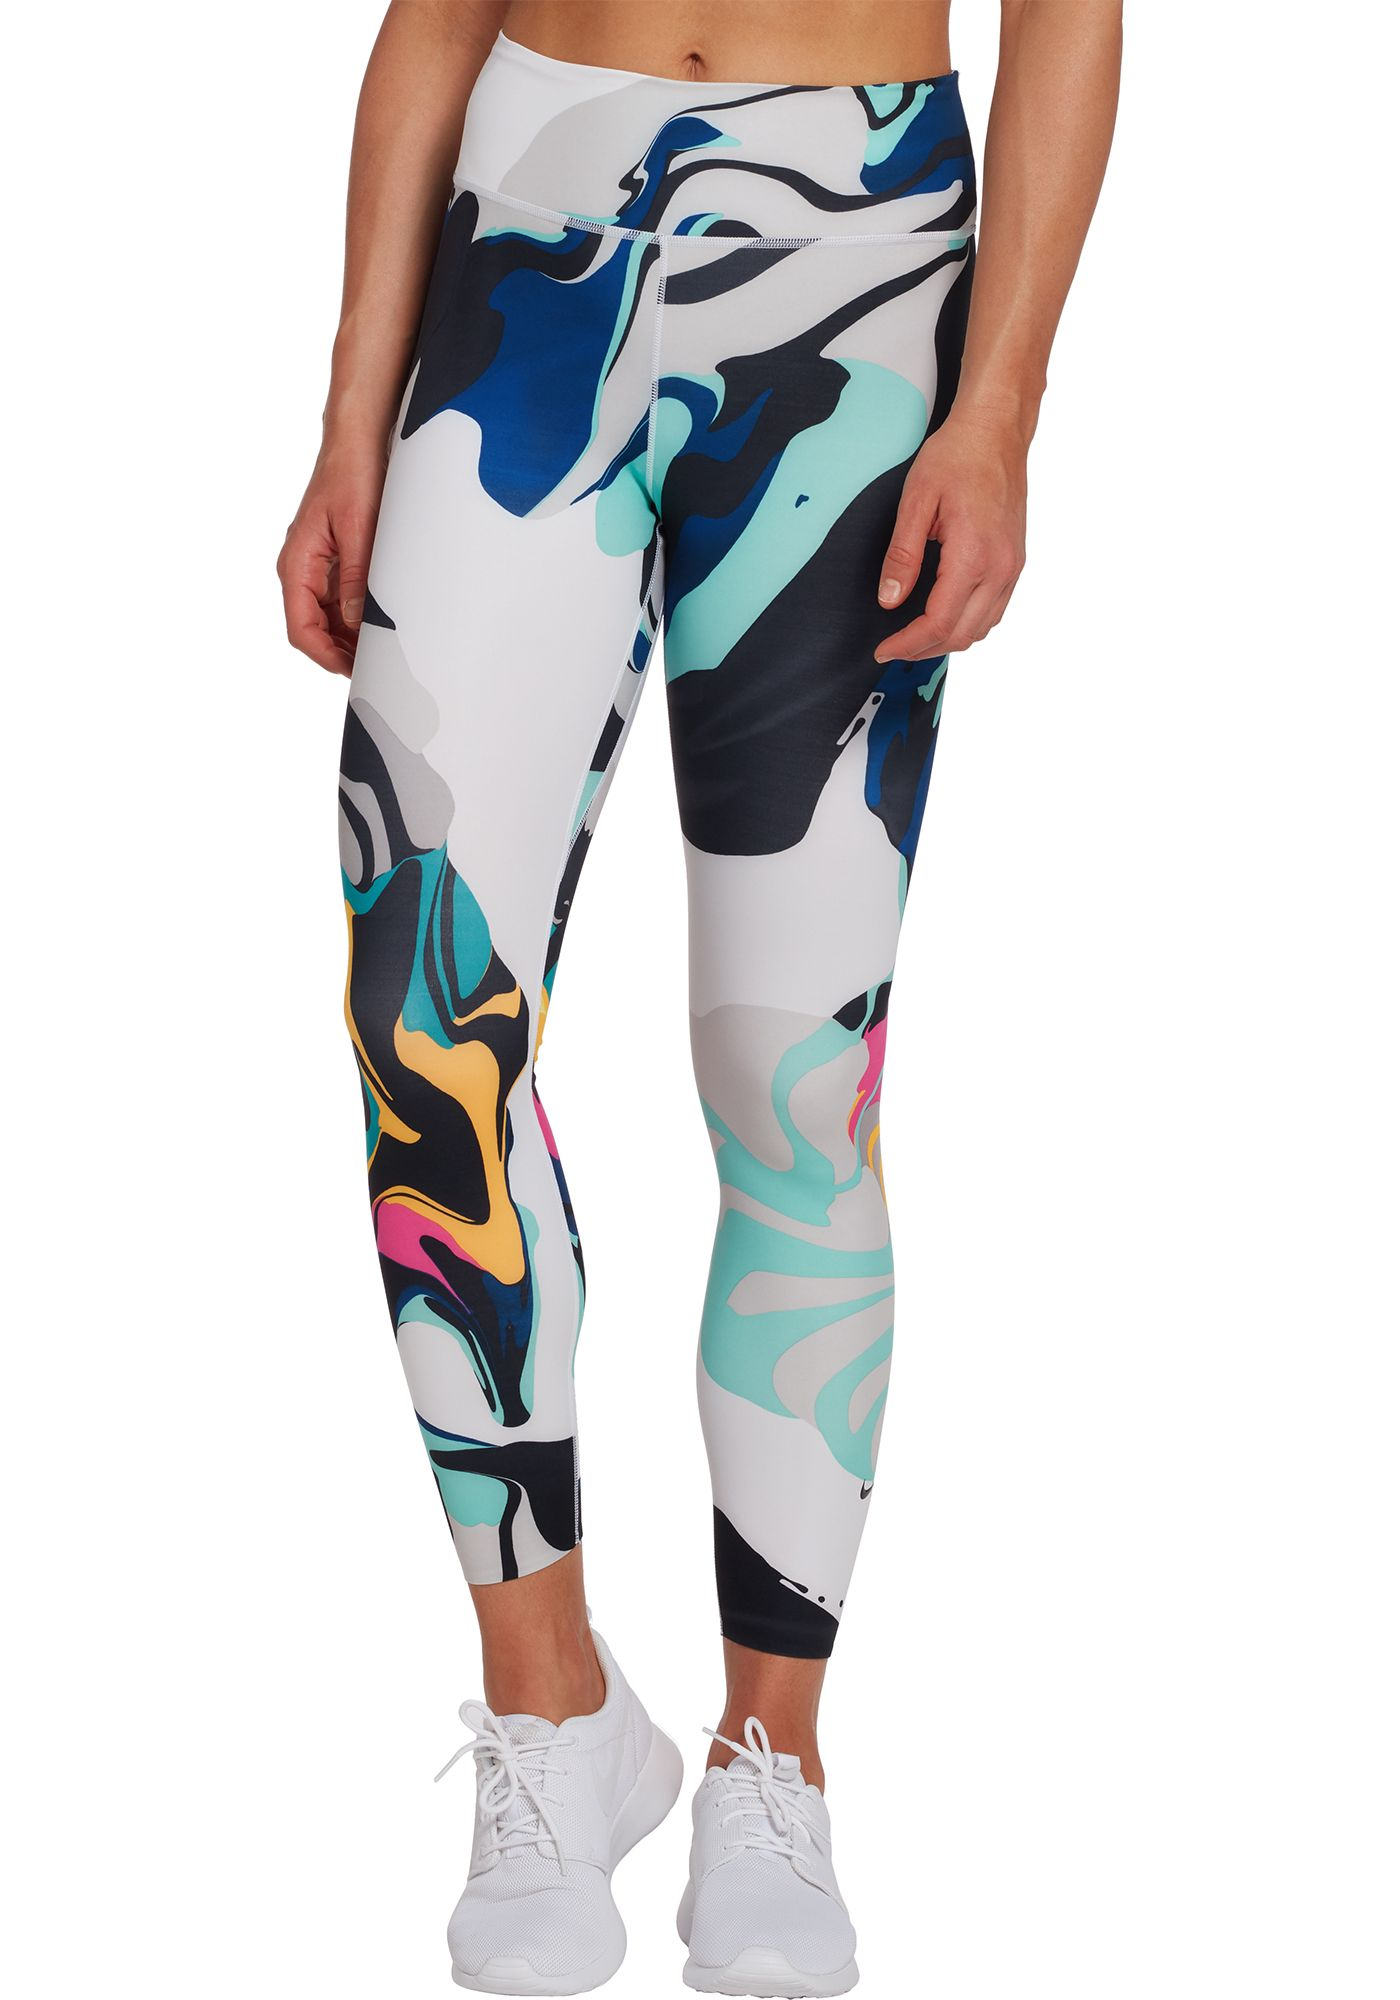 Nike One Women's Artist Print Leggings